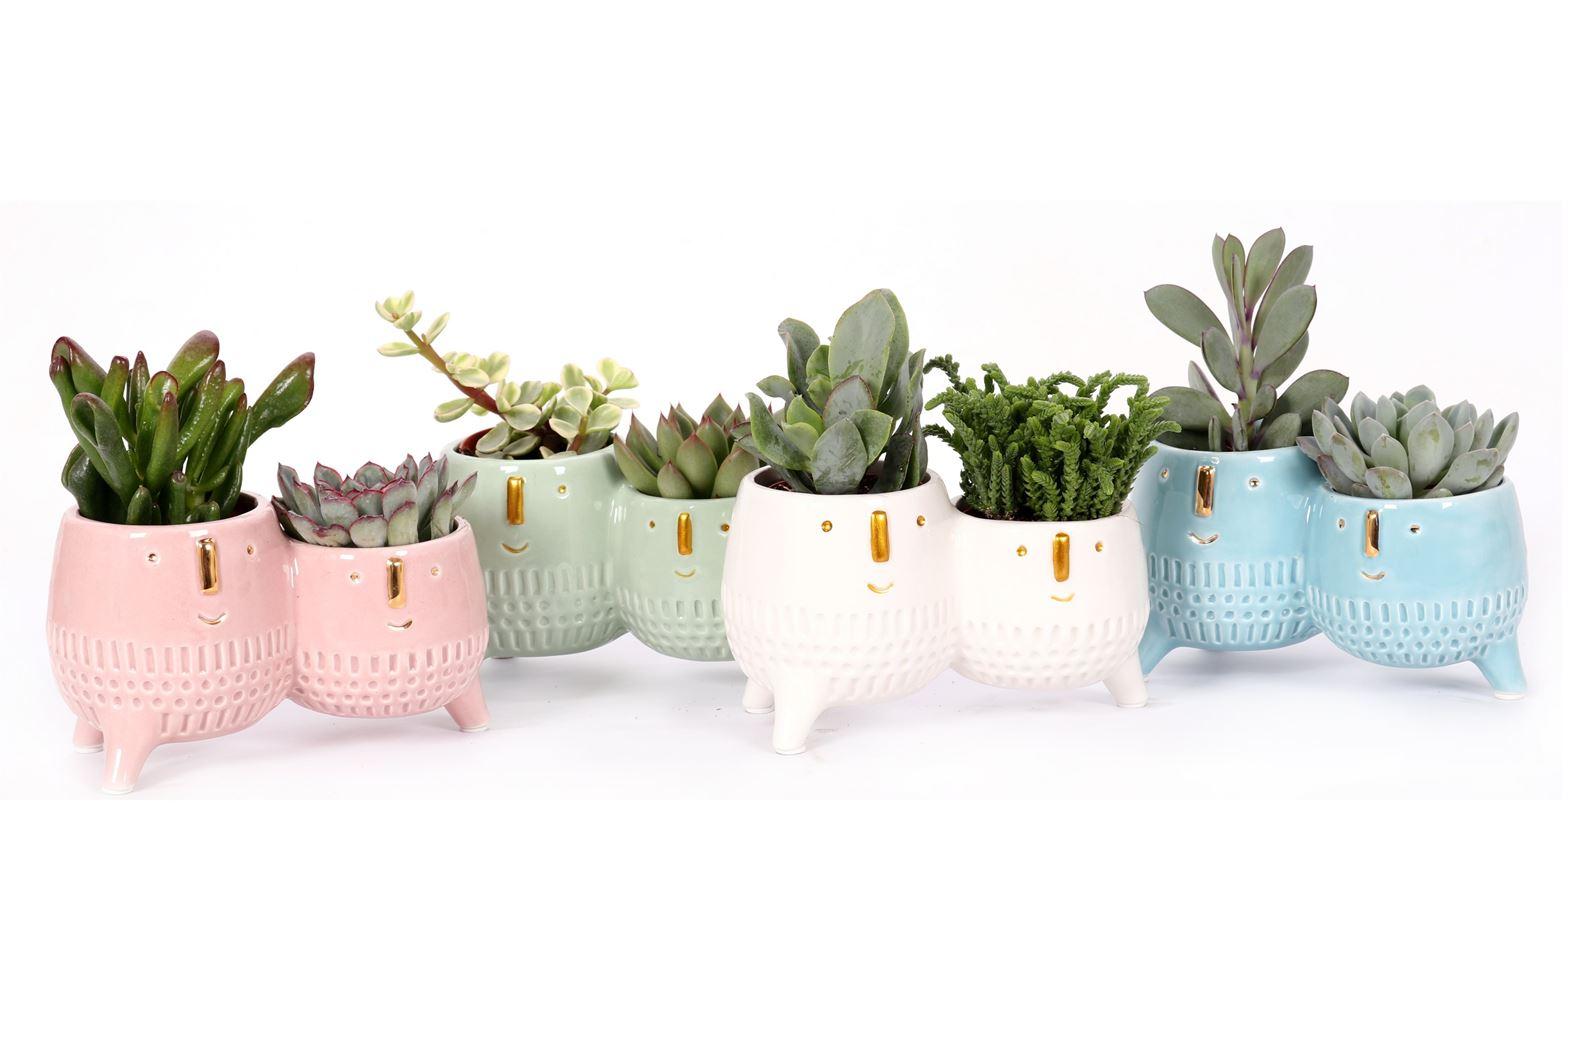 succulenten gemengd in graciosa keramiek